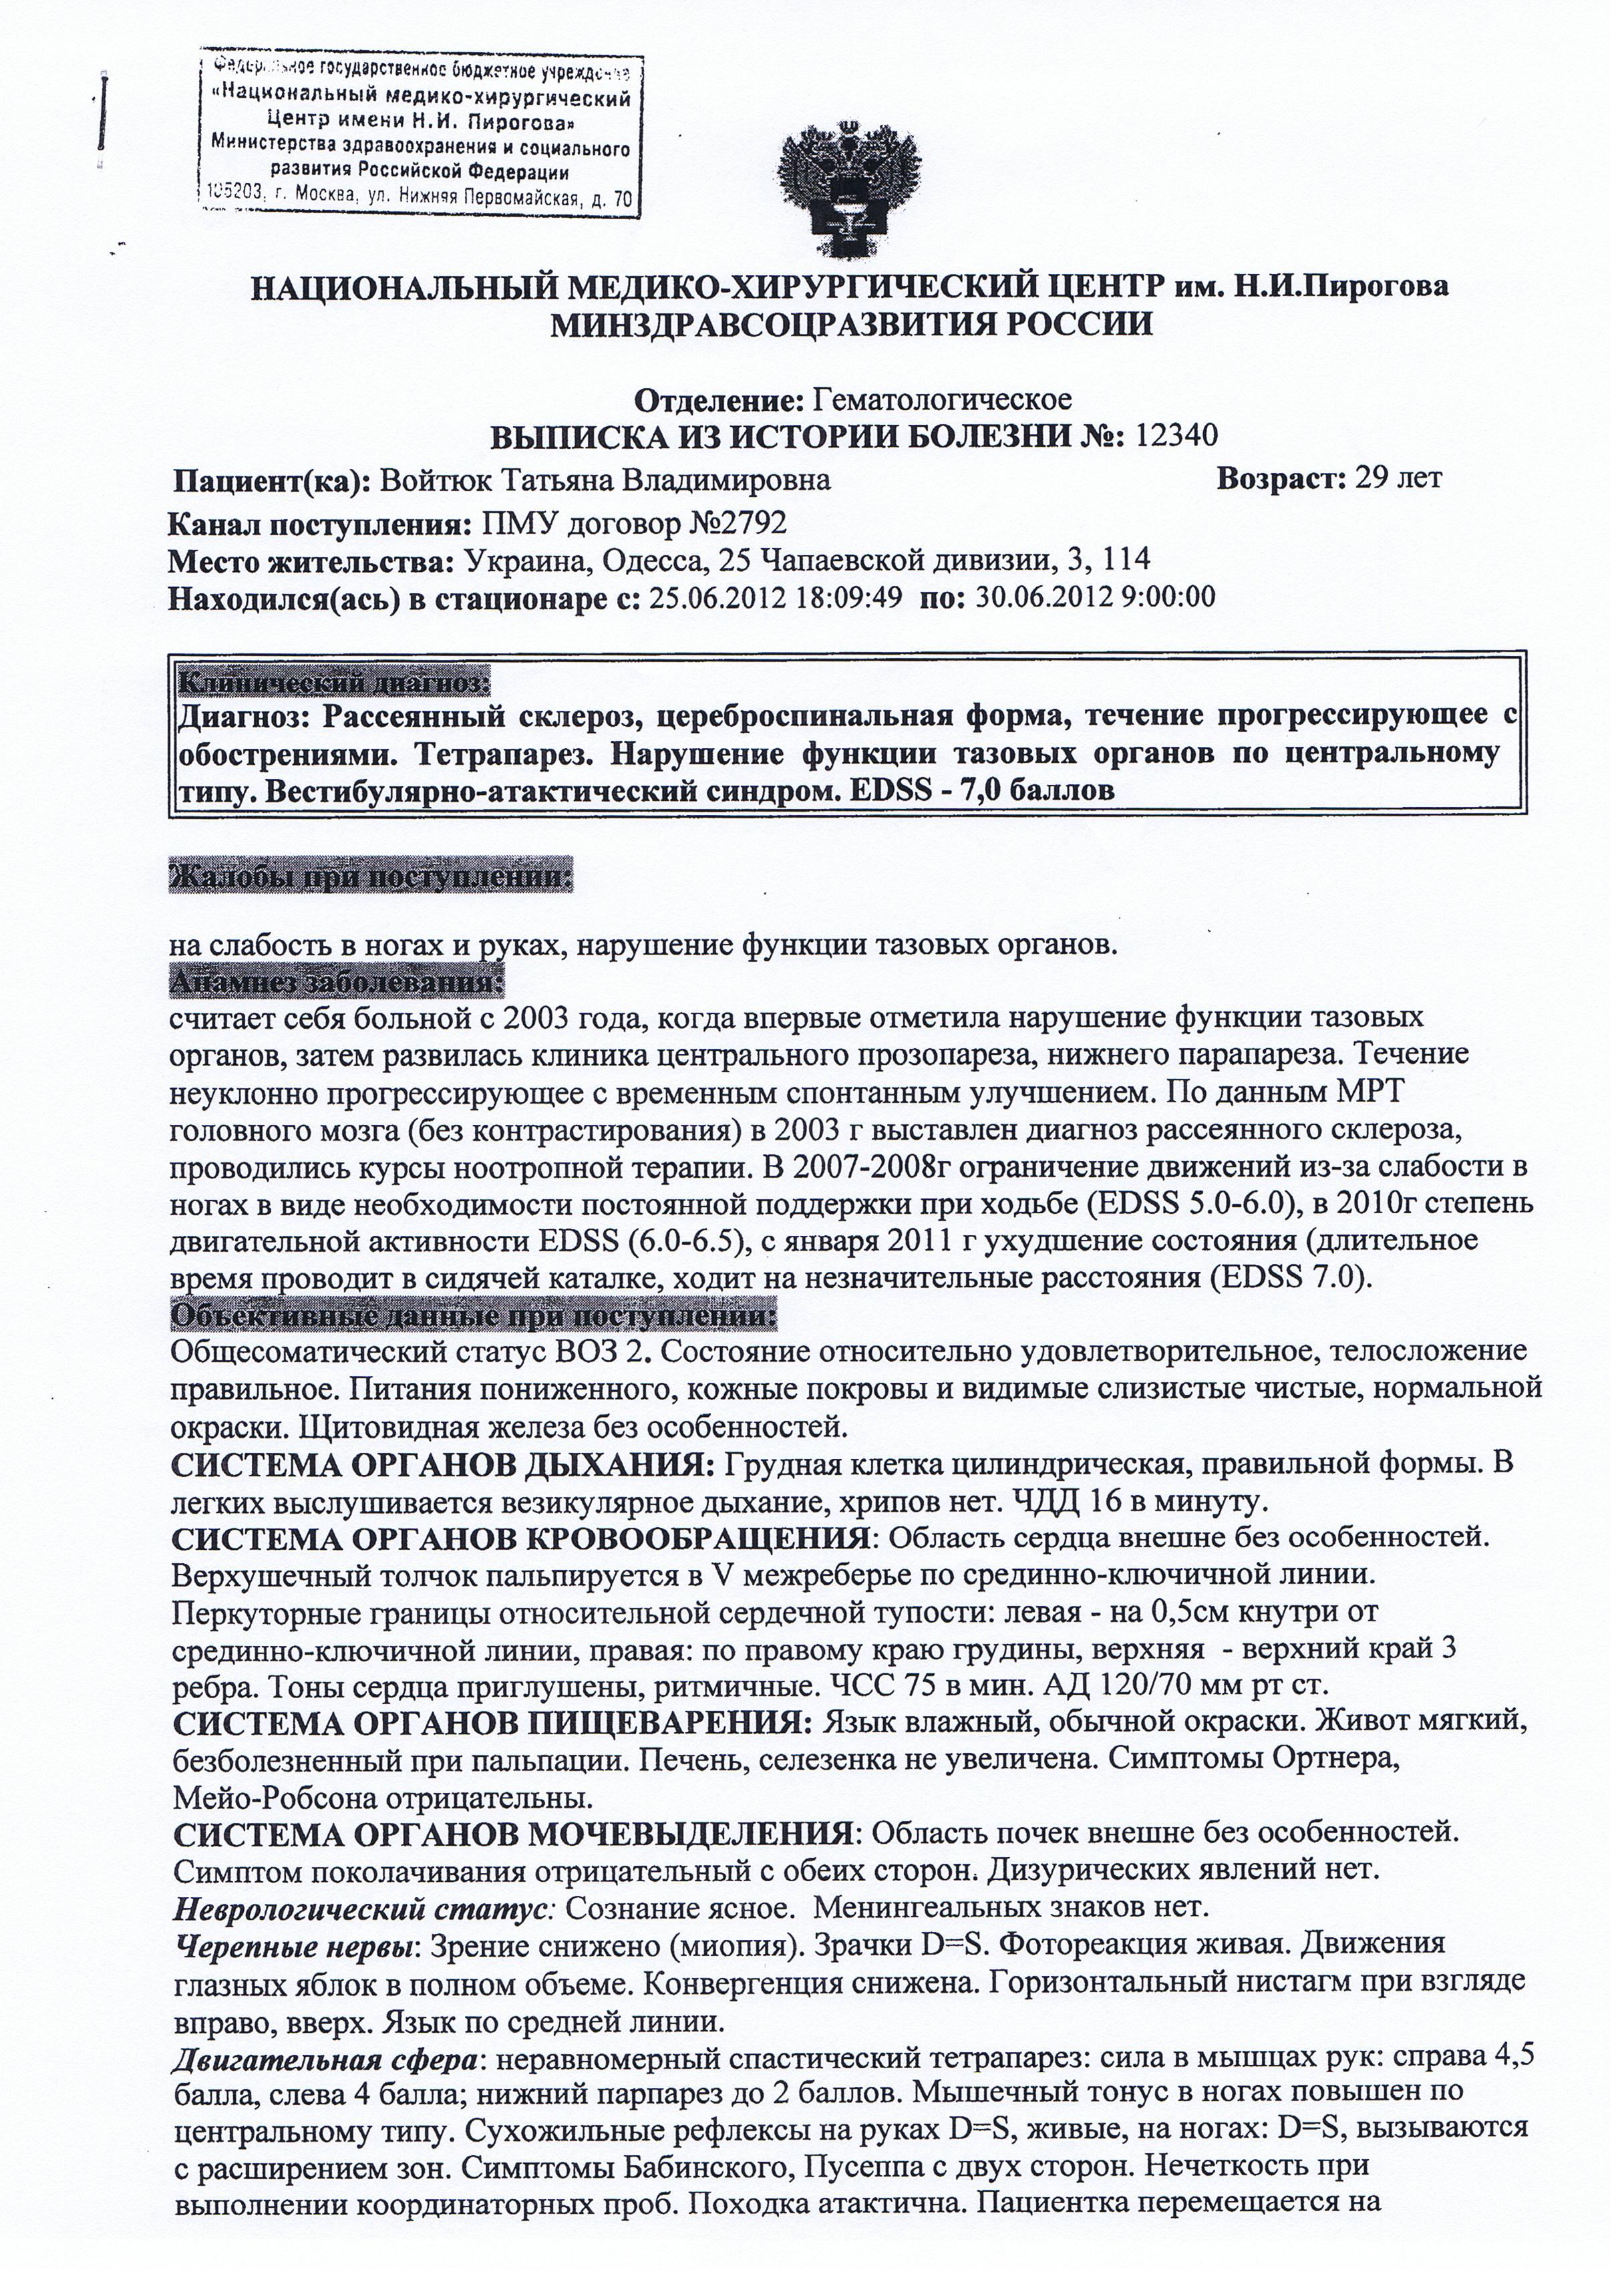 Выписка из истории болезни Преображенская площадь медицинская справка ульяновск ефремова